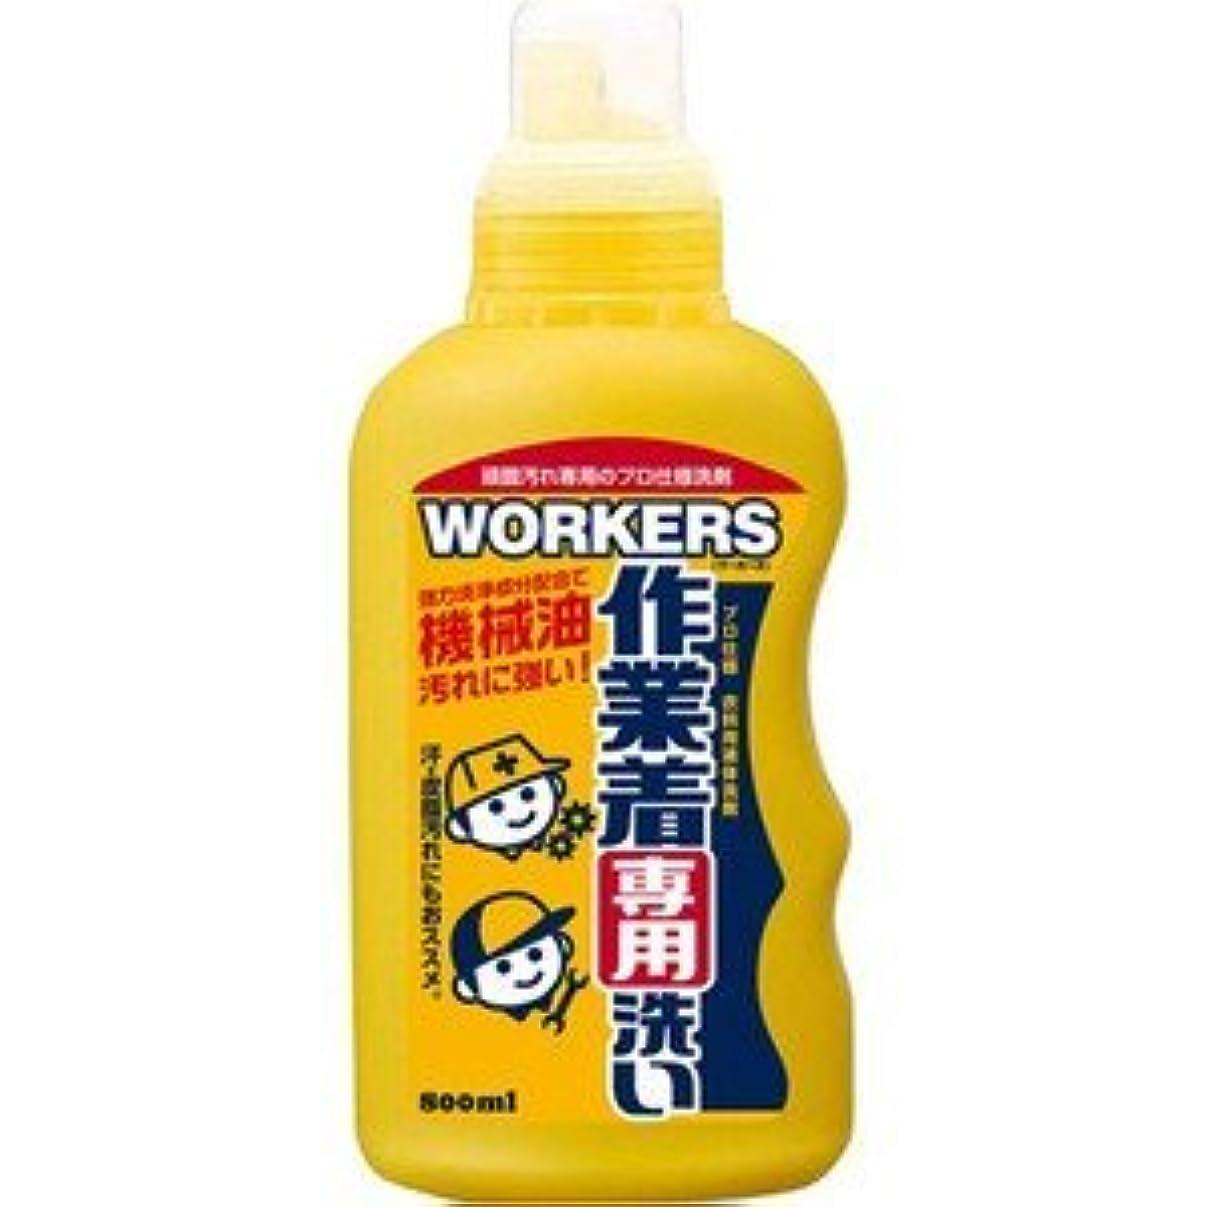 急流動機キャンドル(NSファーファ?ジャパン)WORKERS 作業着液体洗剤 本体 800ml(お買い得3個セット)